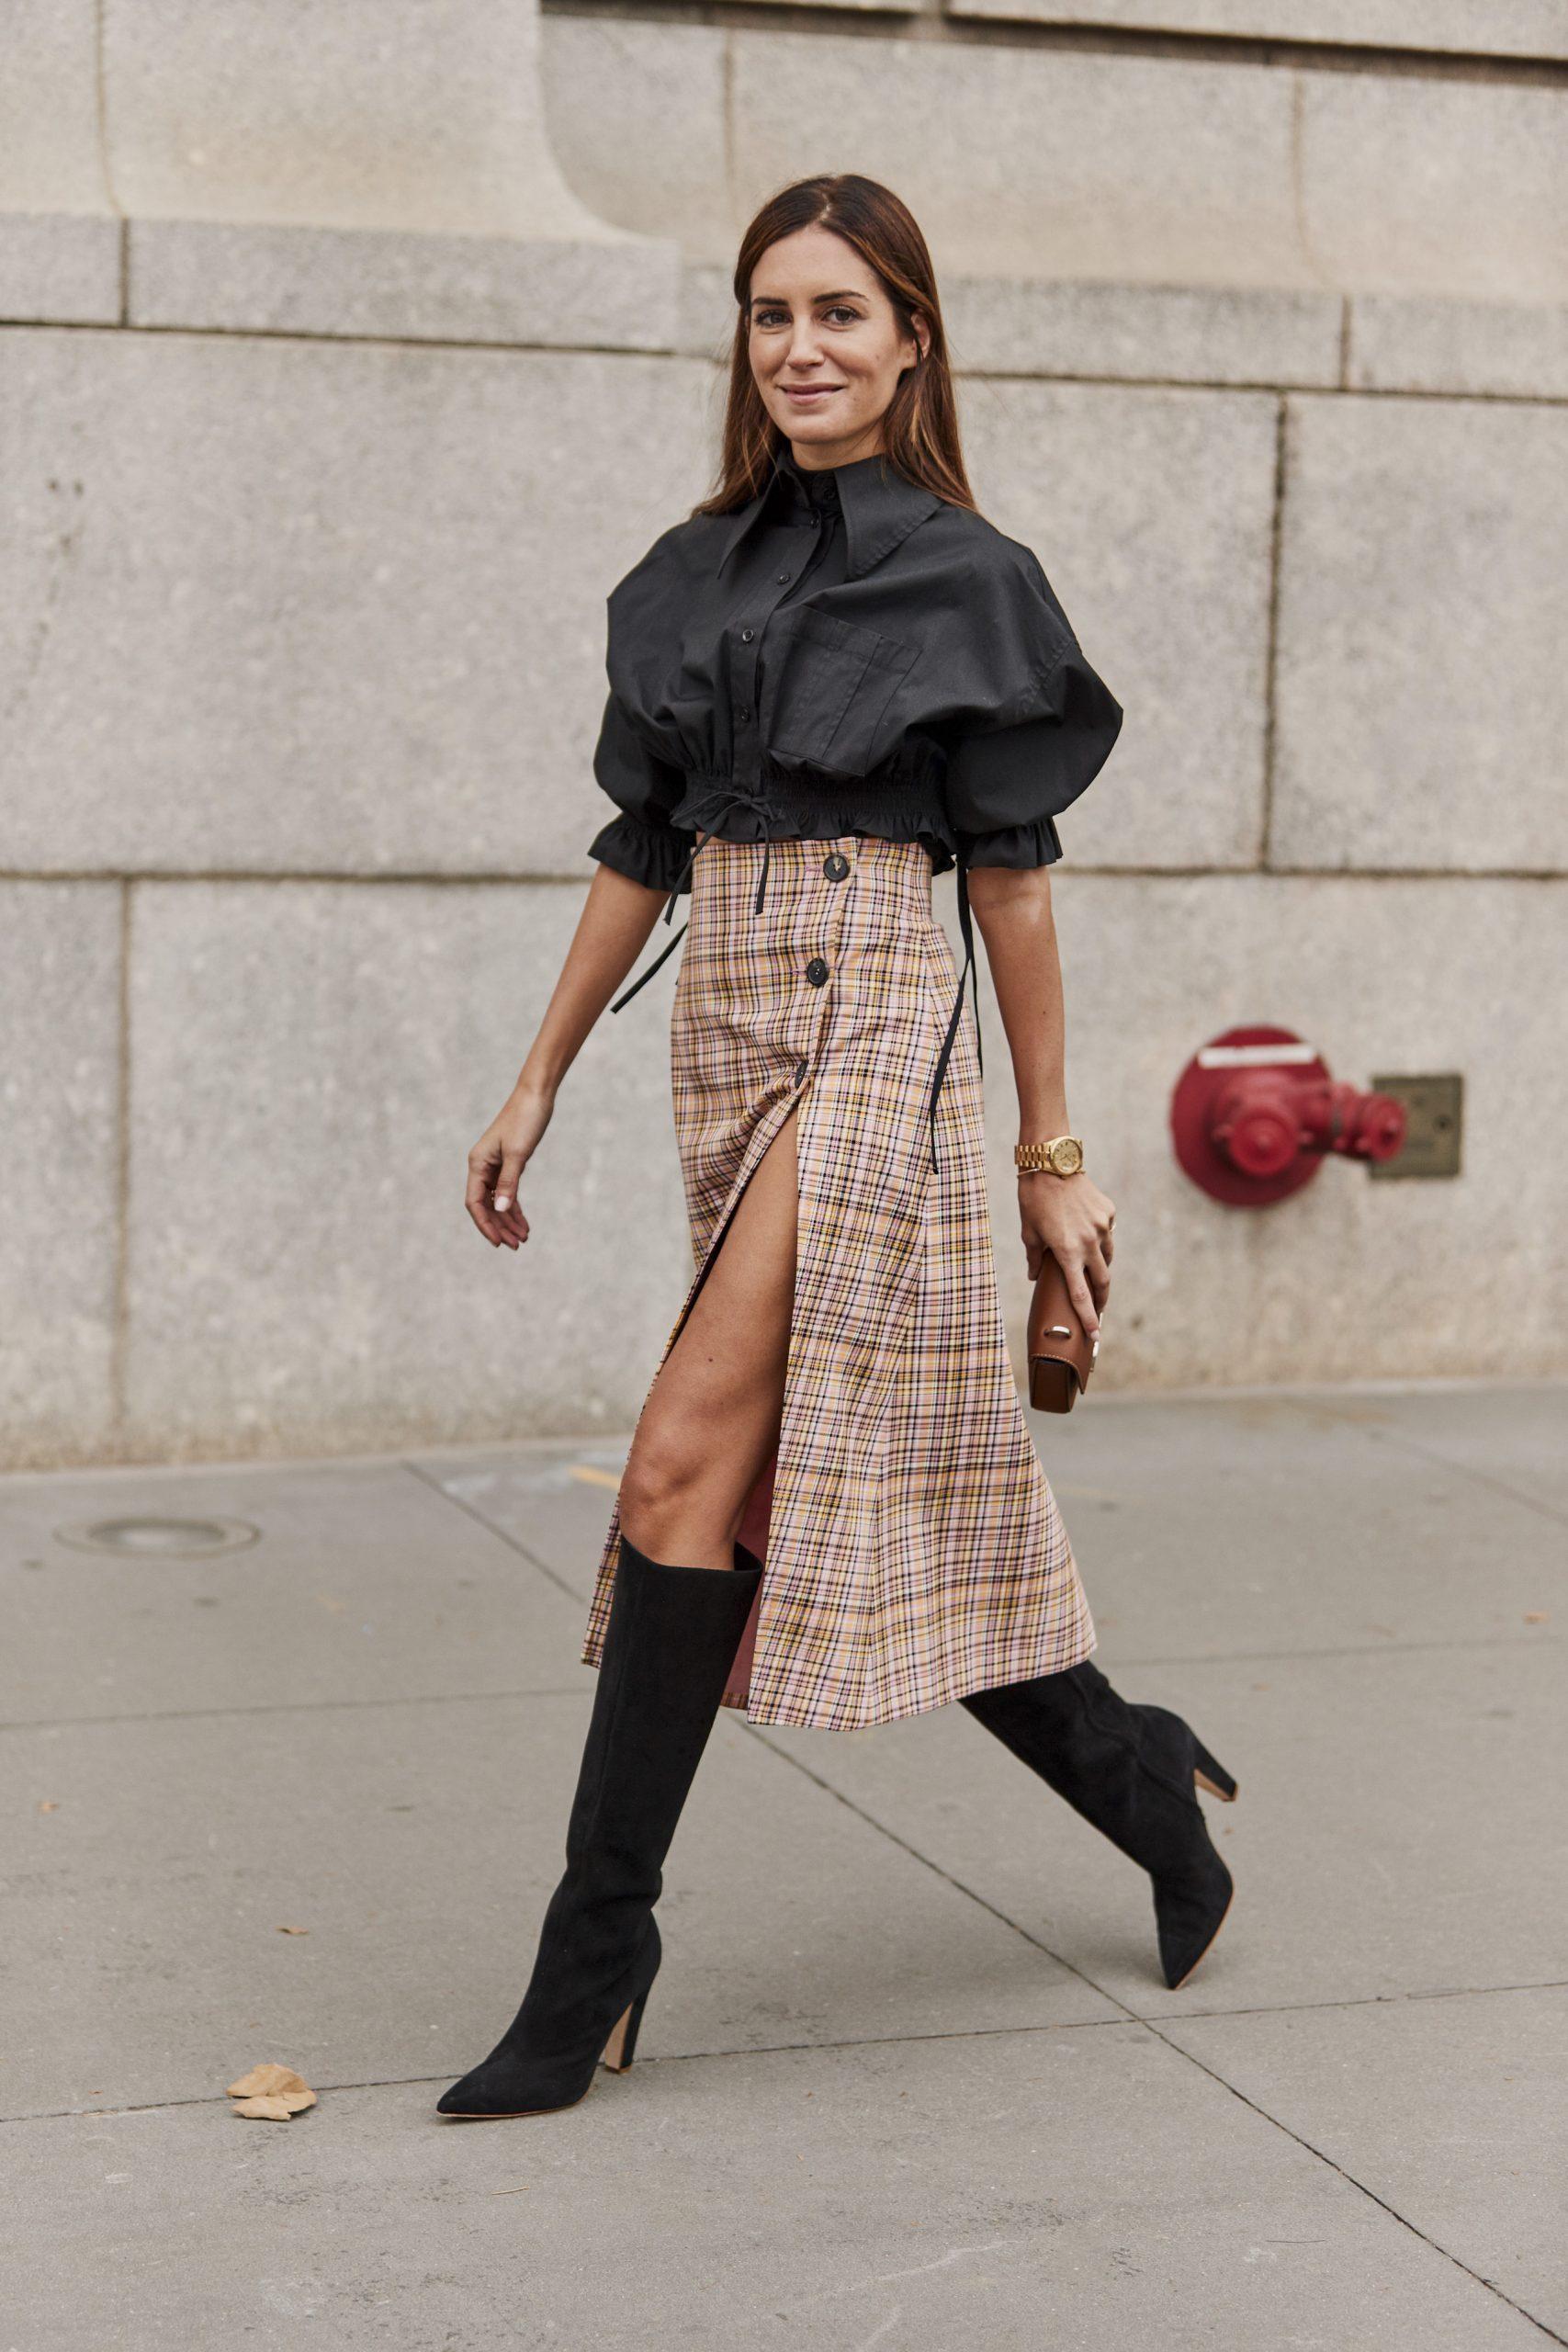 Faldas tendencia otoño-invierno, la de cuadros